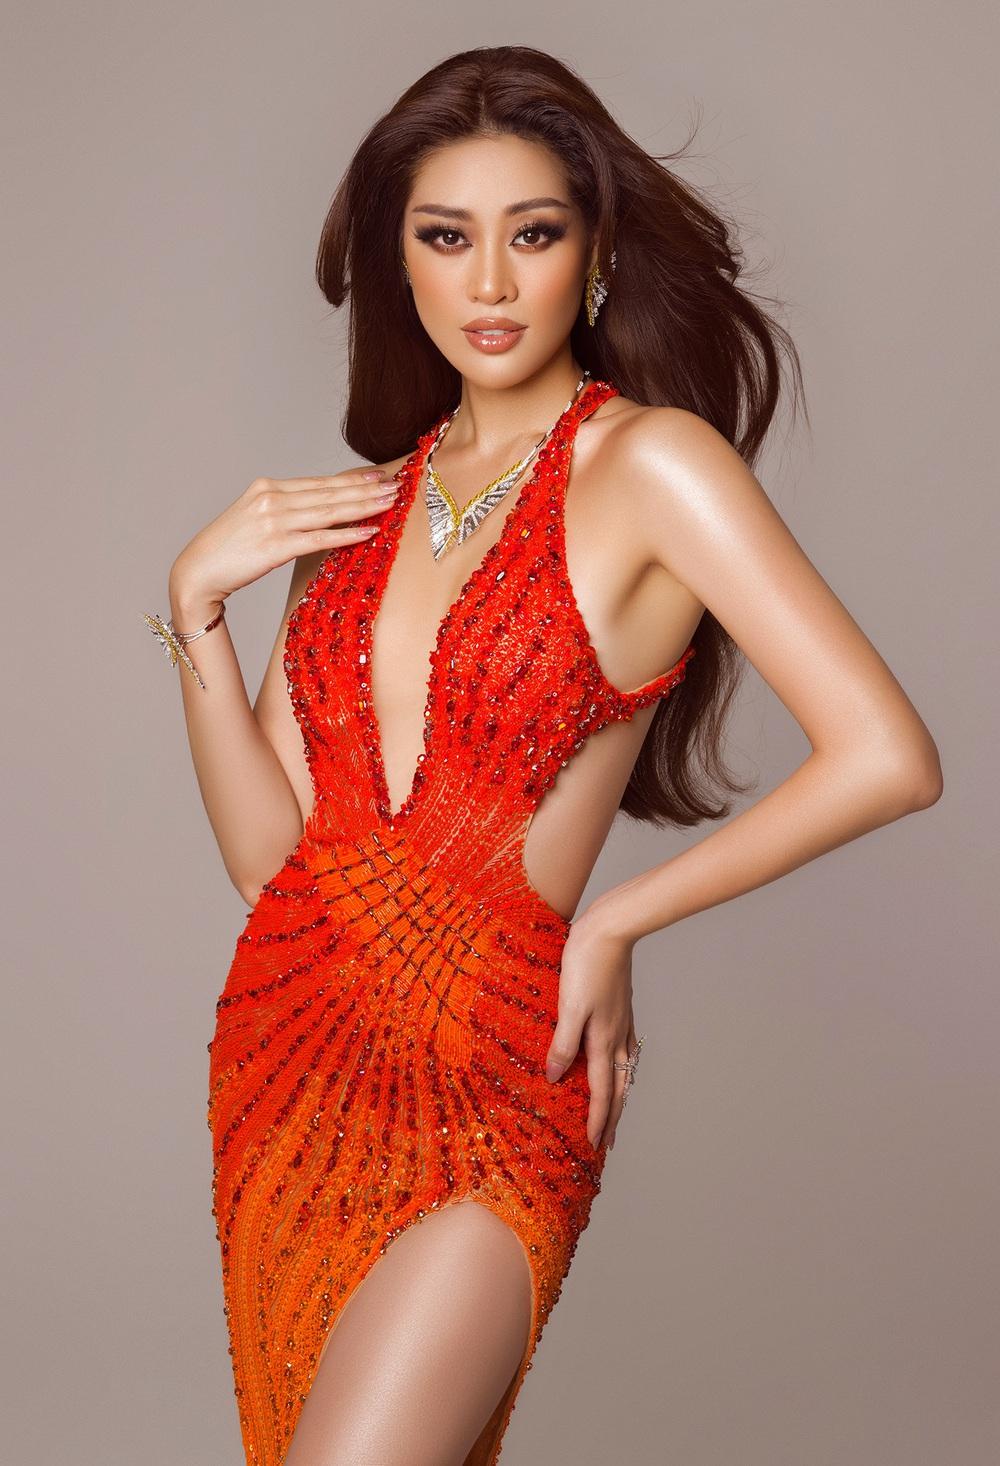 Chính thức lộ diện bộ trang phục đặc biệt Khánh Vân mặc trong chung kết Hoa hậu Hoàn vũ - Ảnh 3.